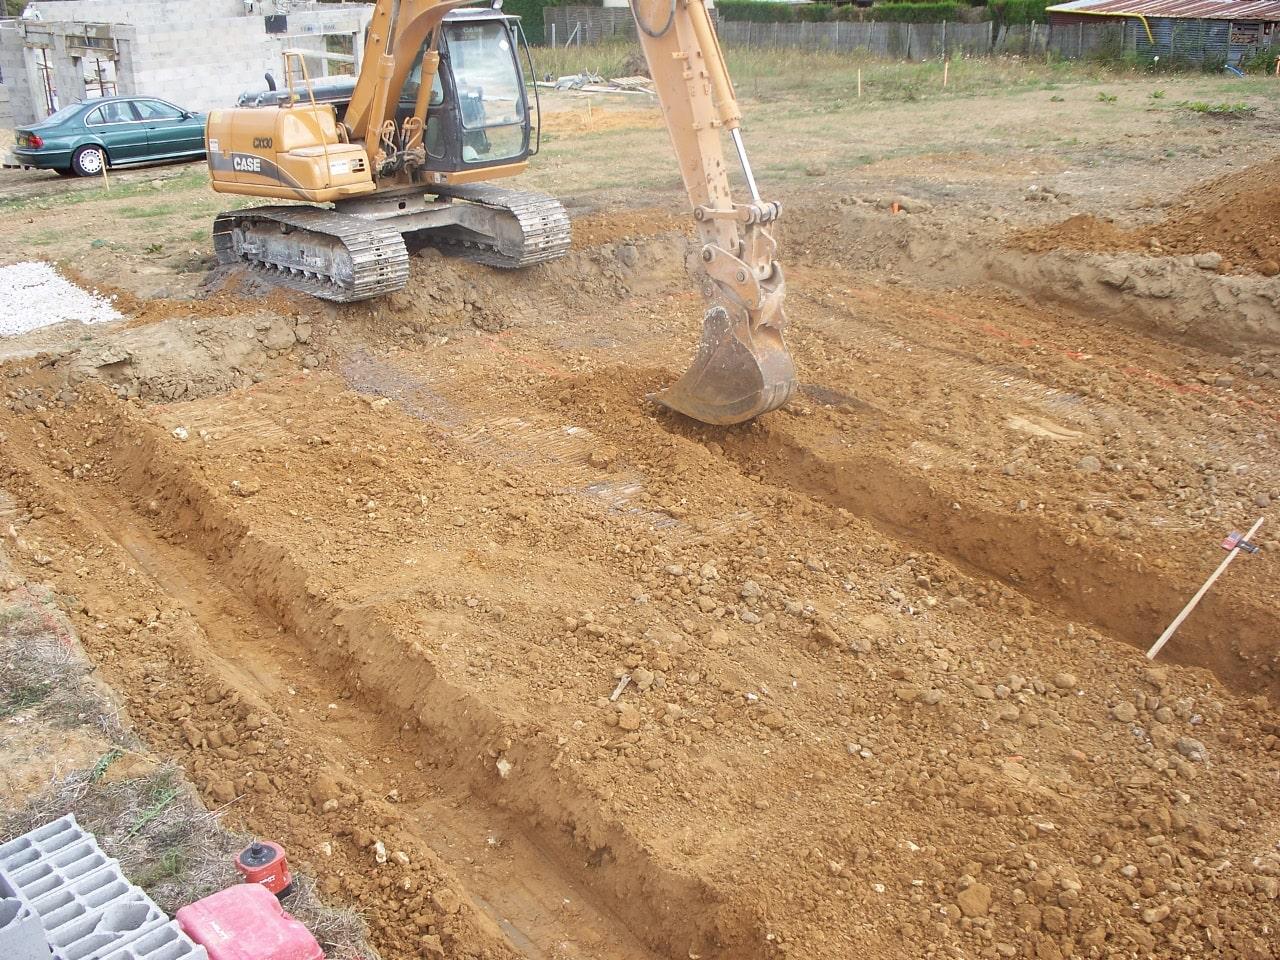 Tranchées pendant les travaux de terrassement d'une maison